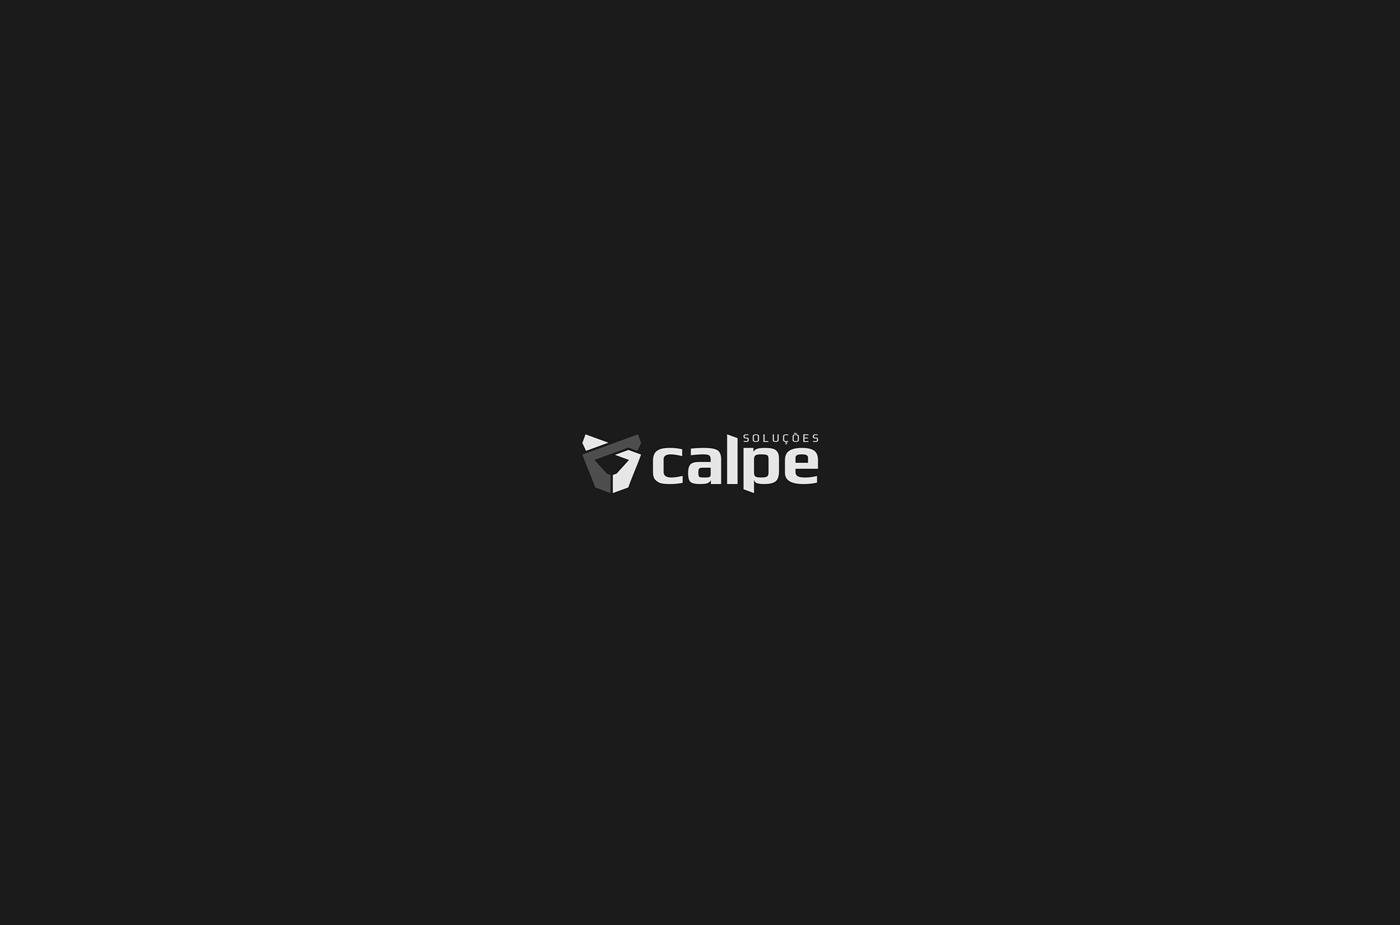 Calpe.png